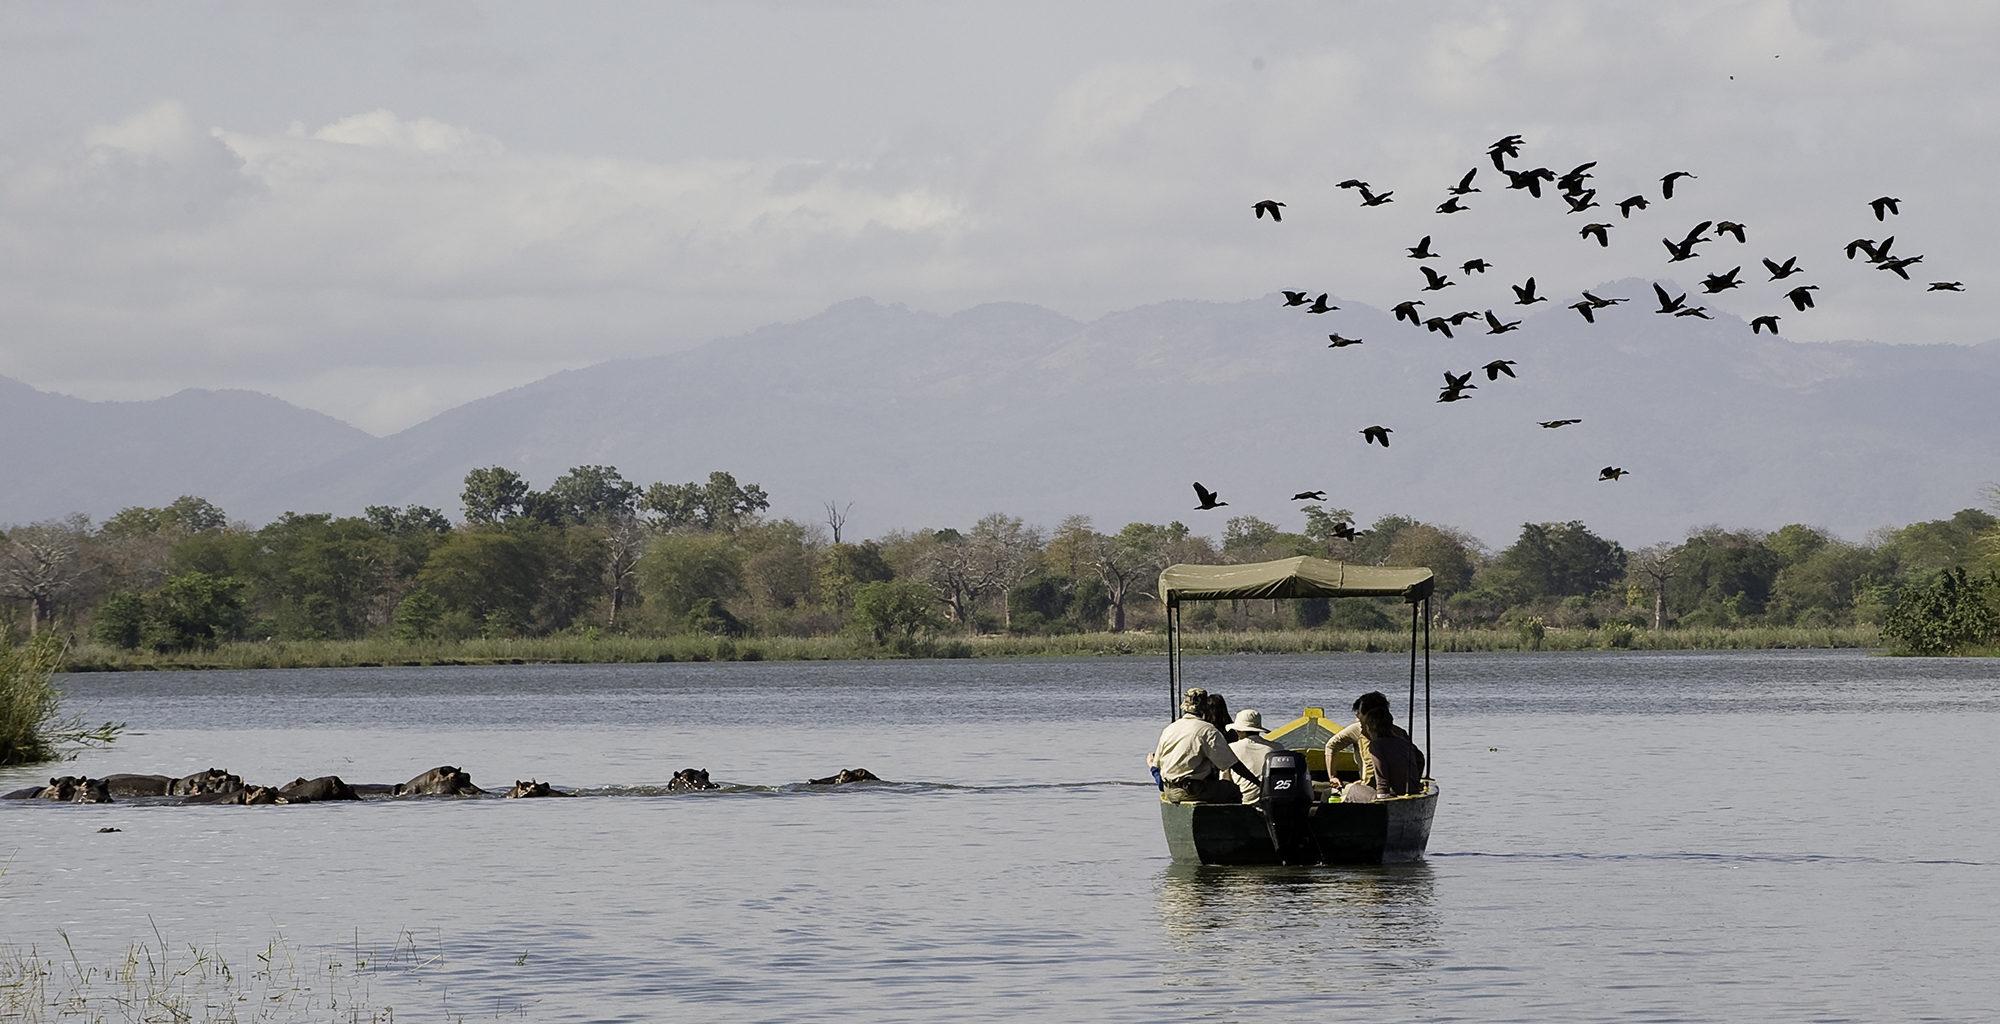 Malawi-Liwonde-National-Park-Boating